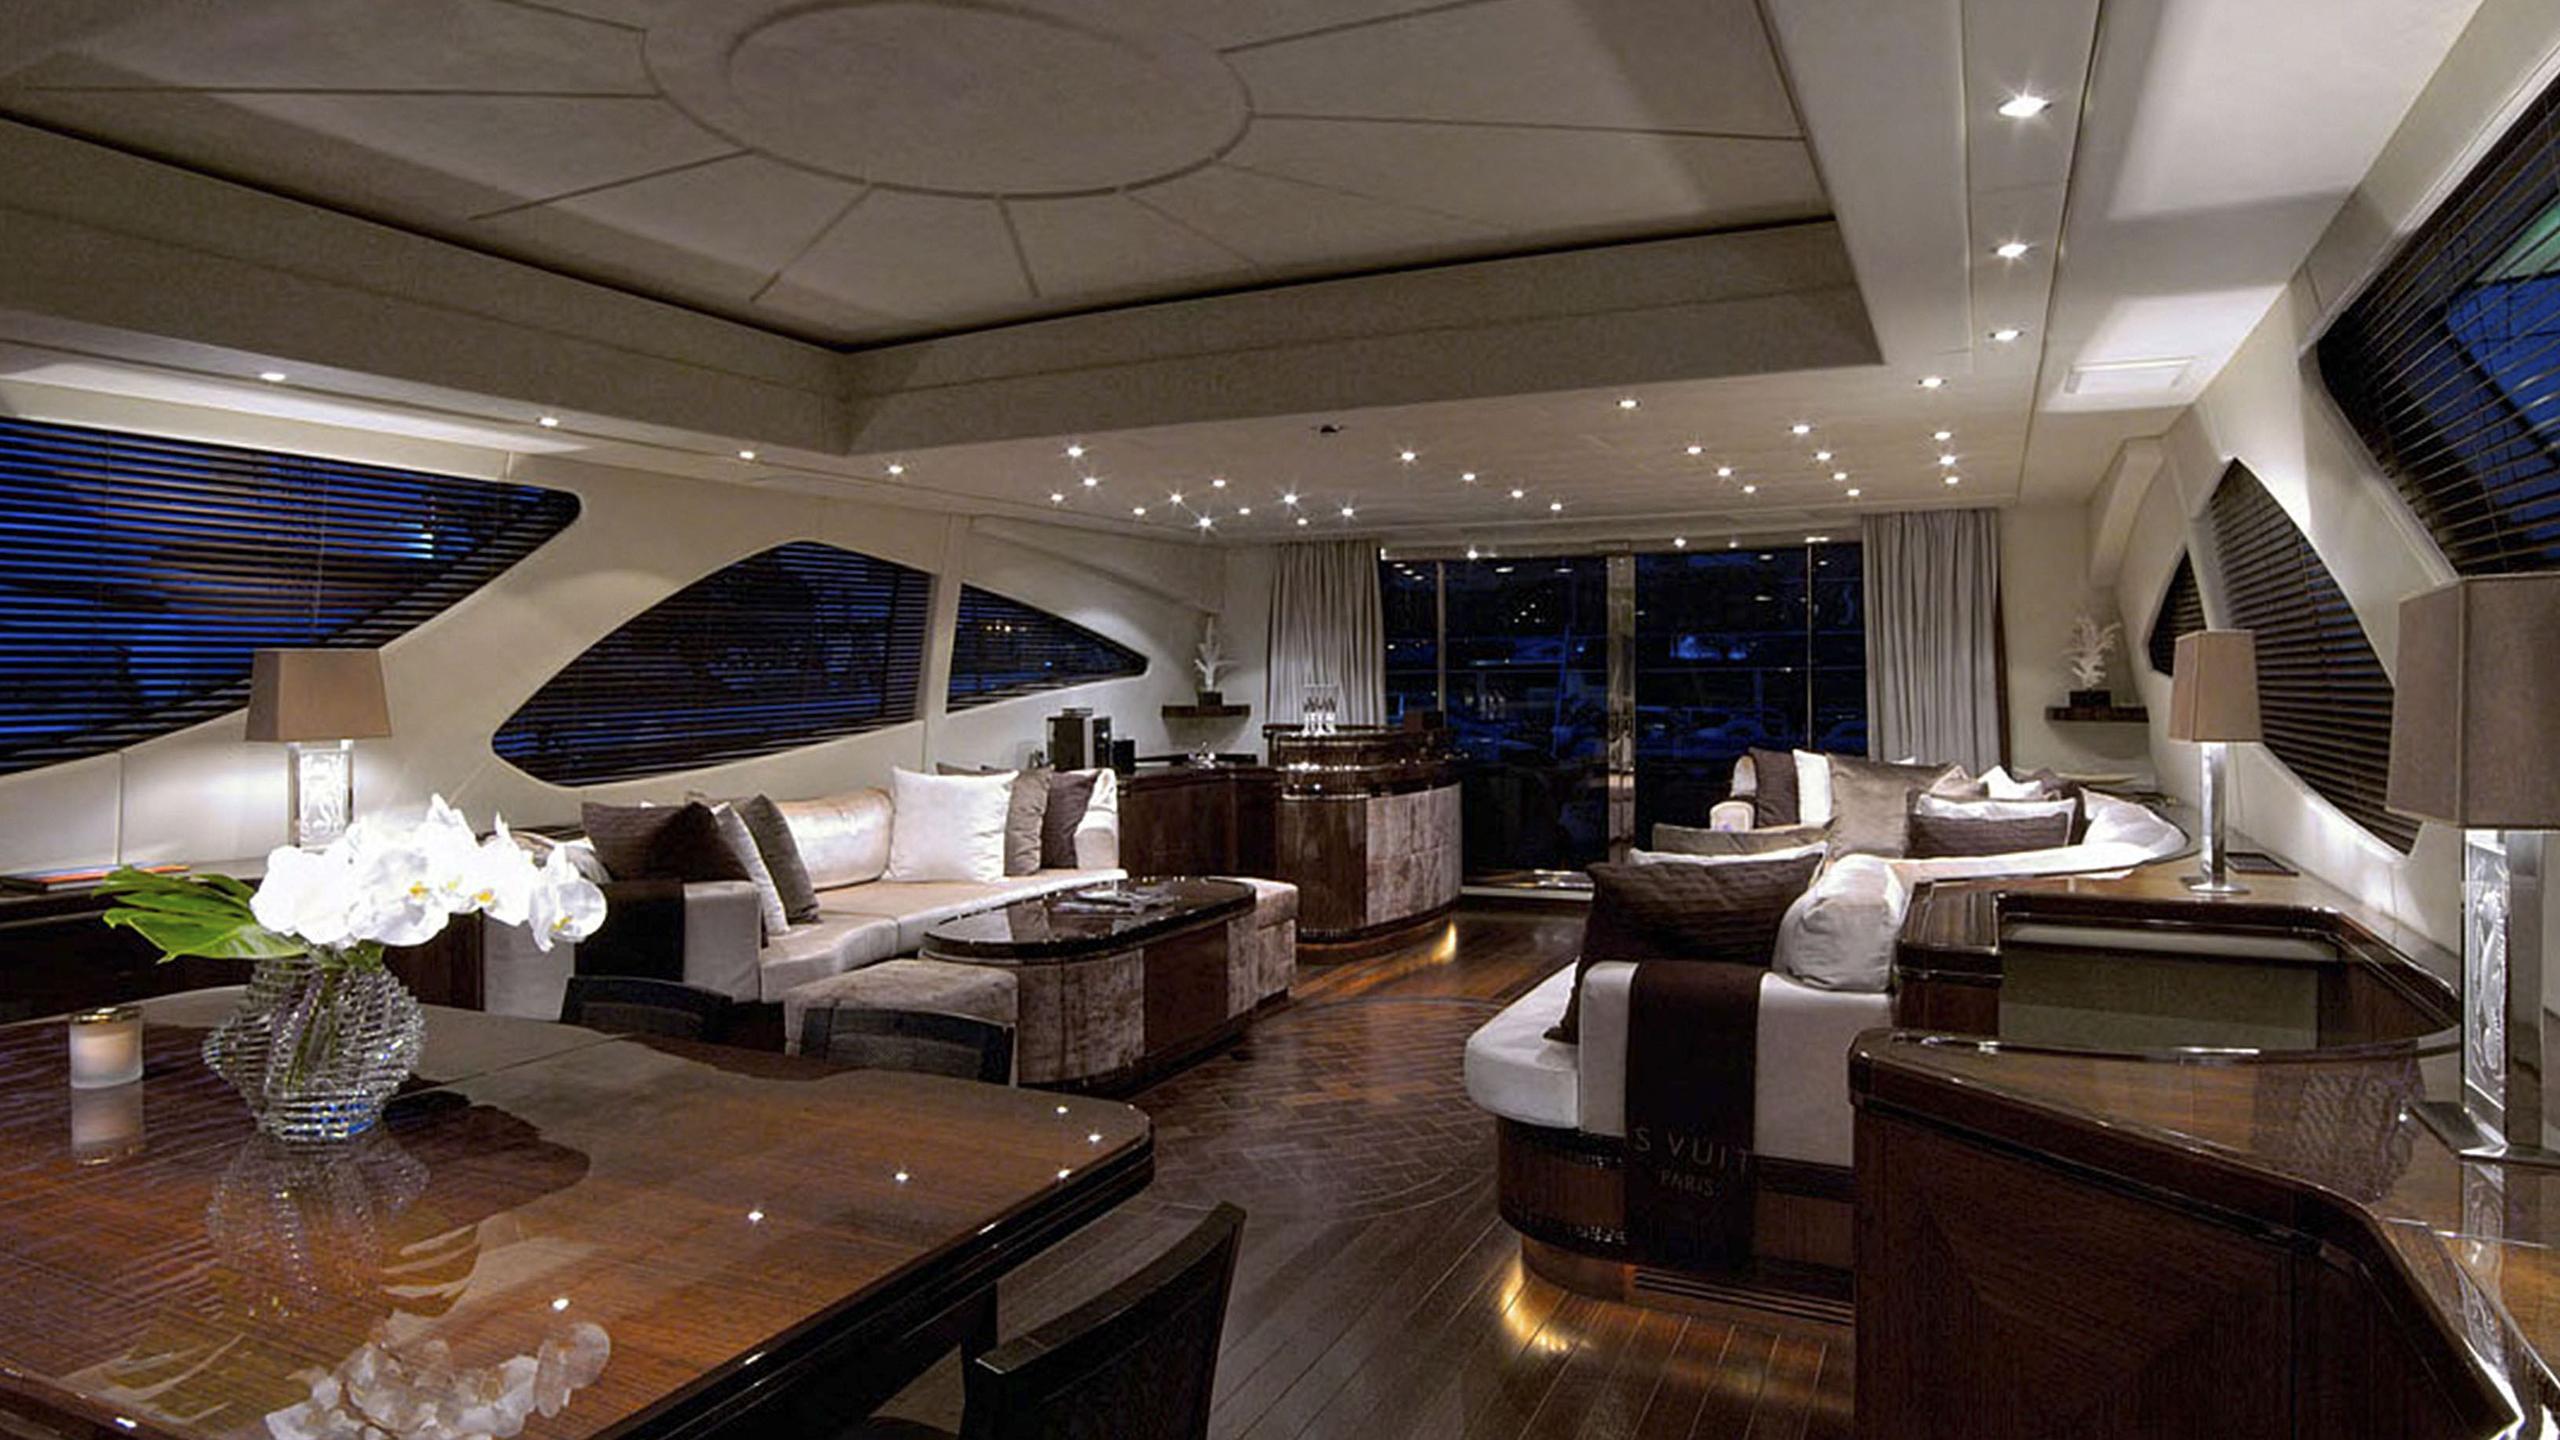 aset-yacht-saloon